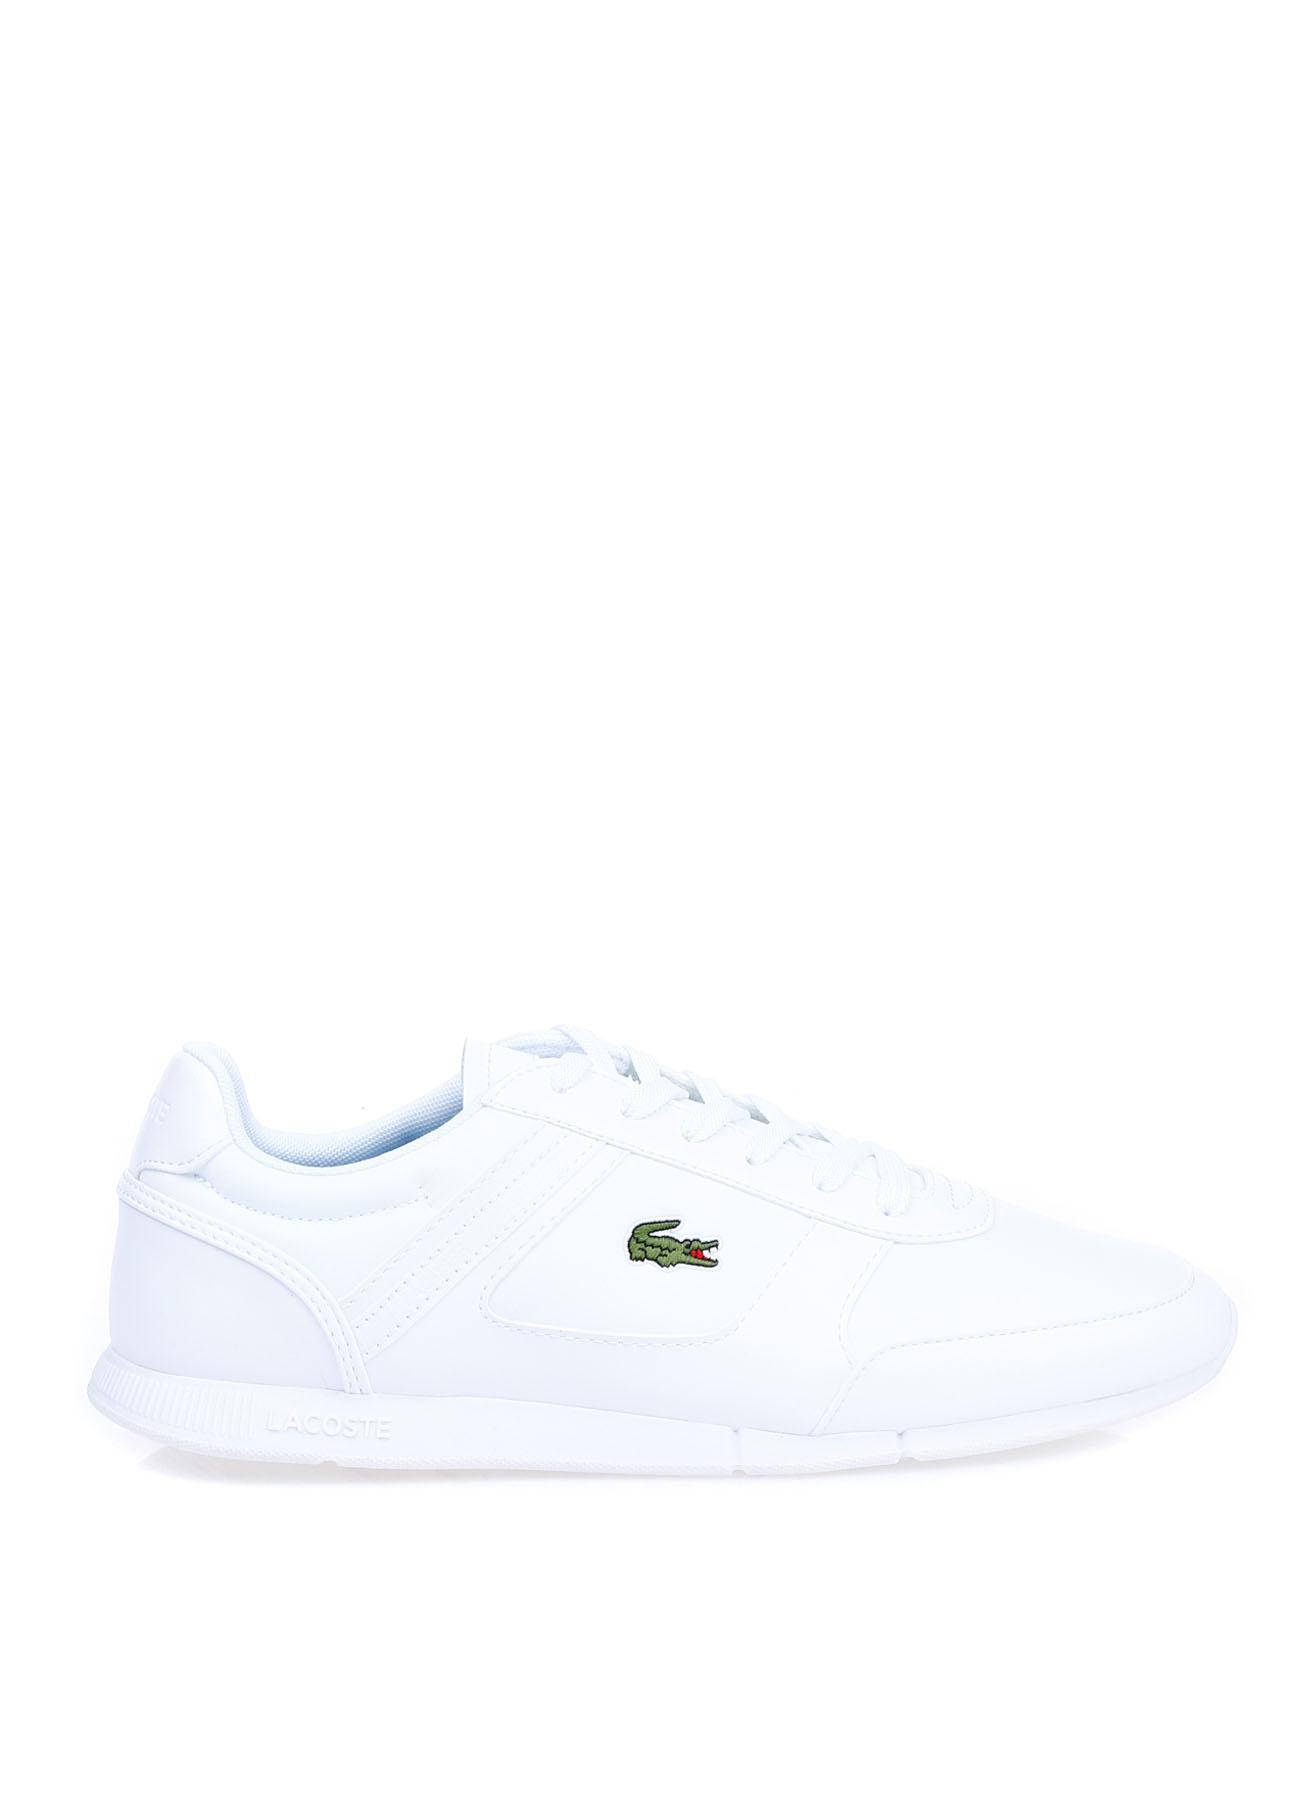 Lacoste Erkek Deri Beyaz Lifestyle Ayakkabı 42 5002314242004 Ürün Resmi